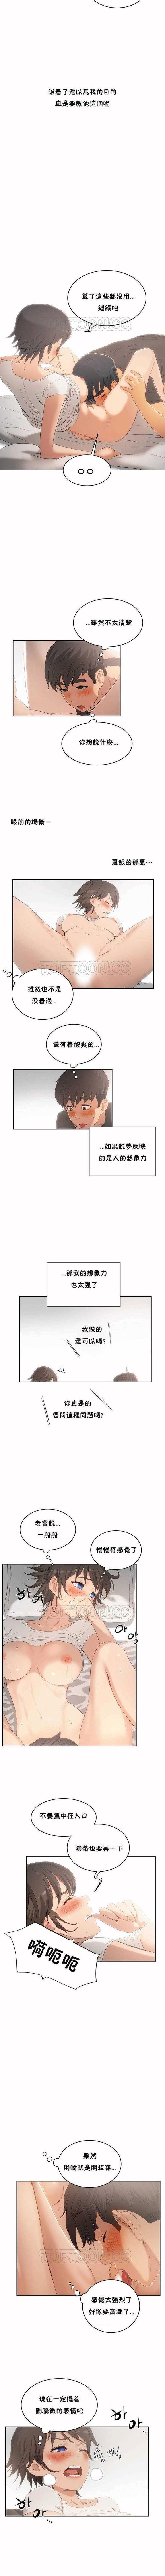 性教育 1-48.5 中文翻译(完結) 21